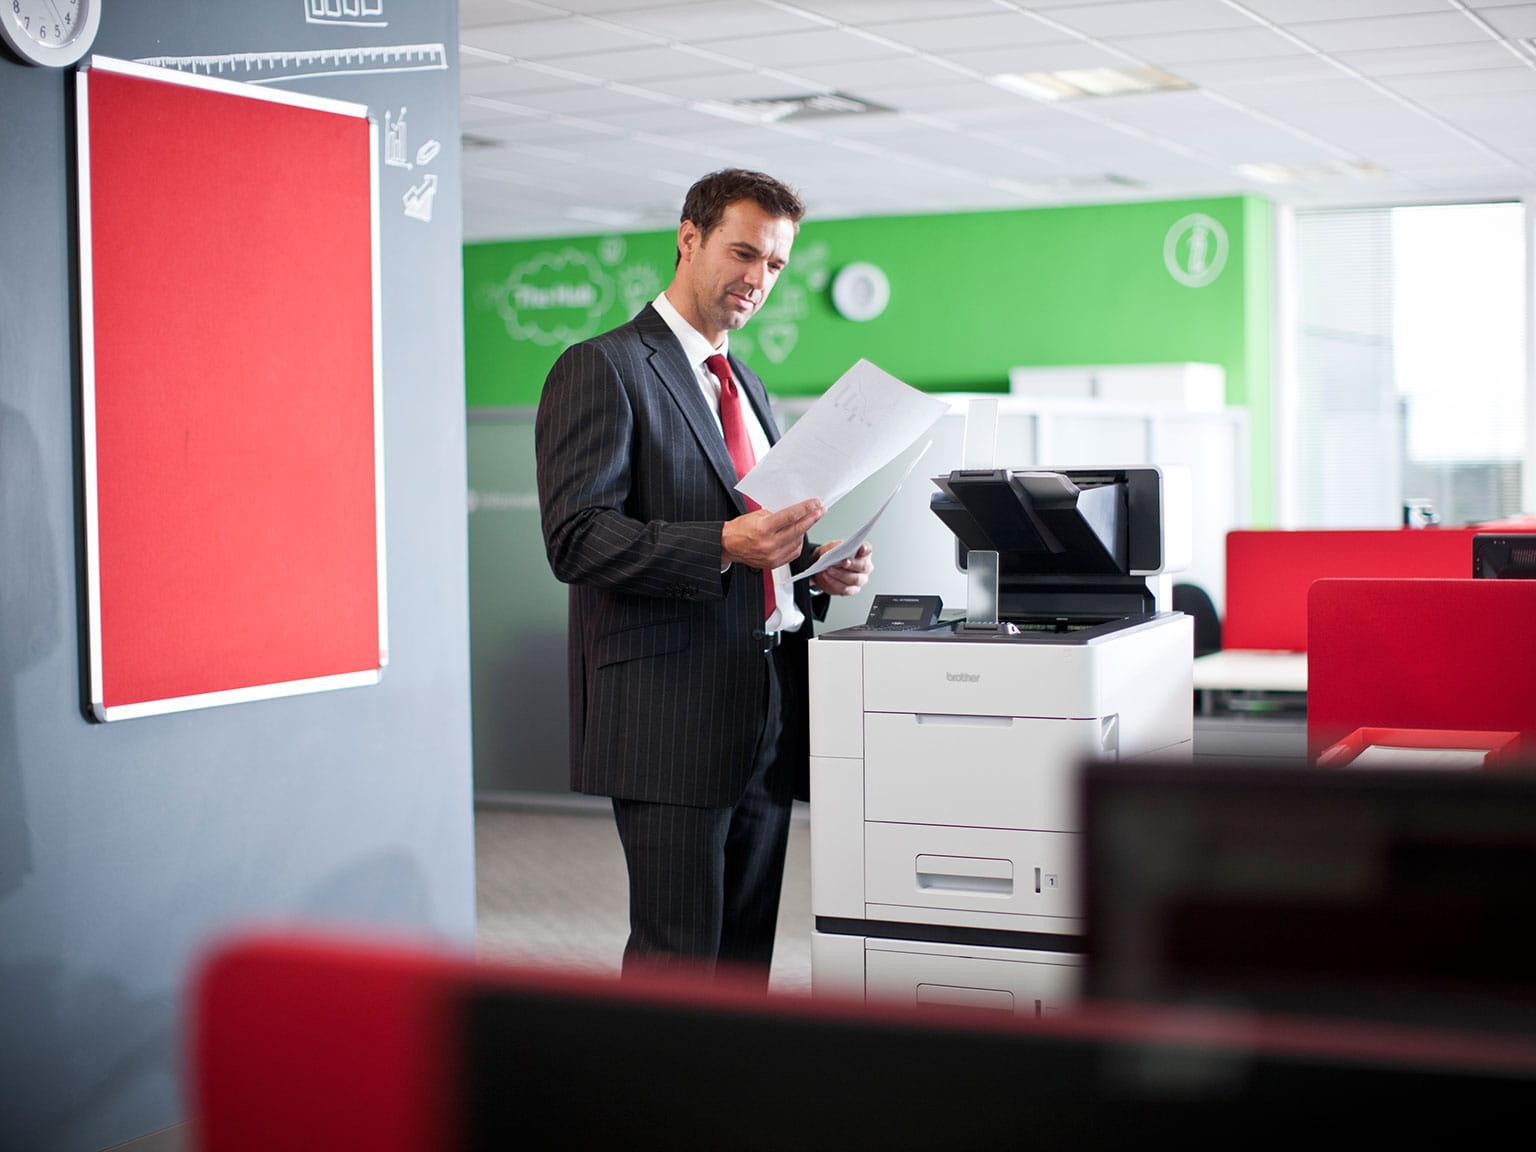 manjša-podjetja-rešitve-storitve-upravljanje-tiska-mps